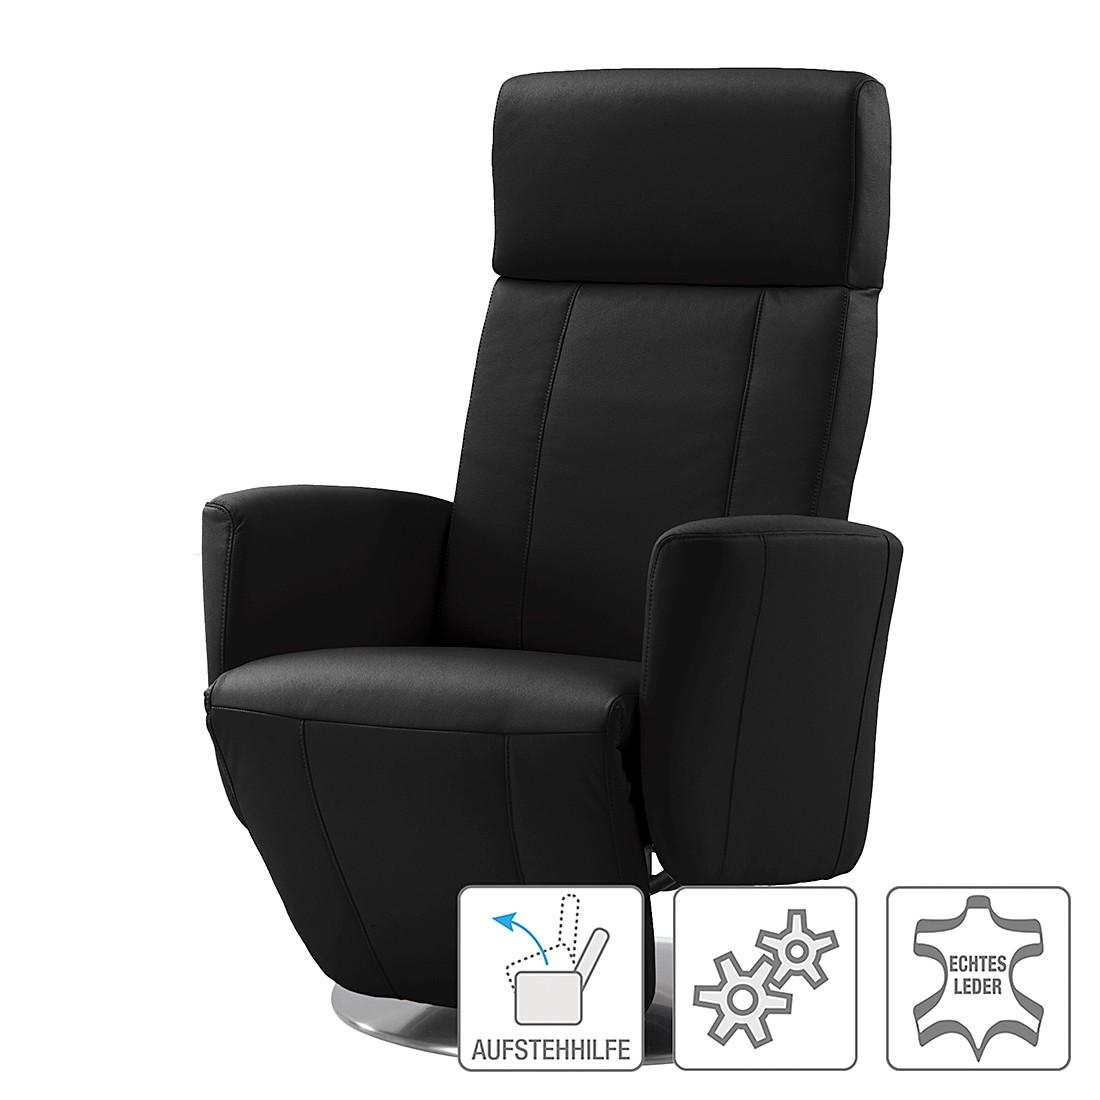 Relaxsessel Tatum – Echtleder – Einmotorige Verstellung mit Aufstehhilfe – Schwarz, Nuovoform günstig kaufen